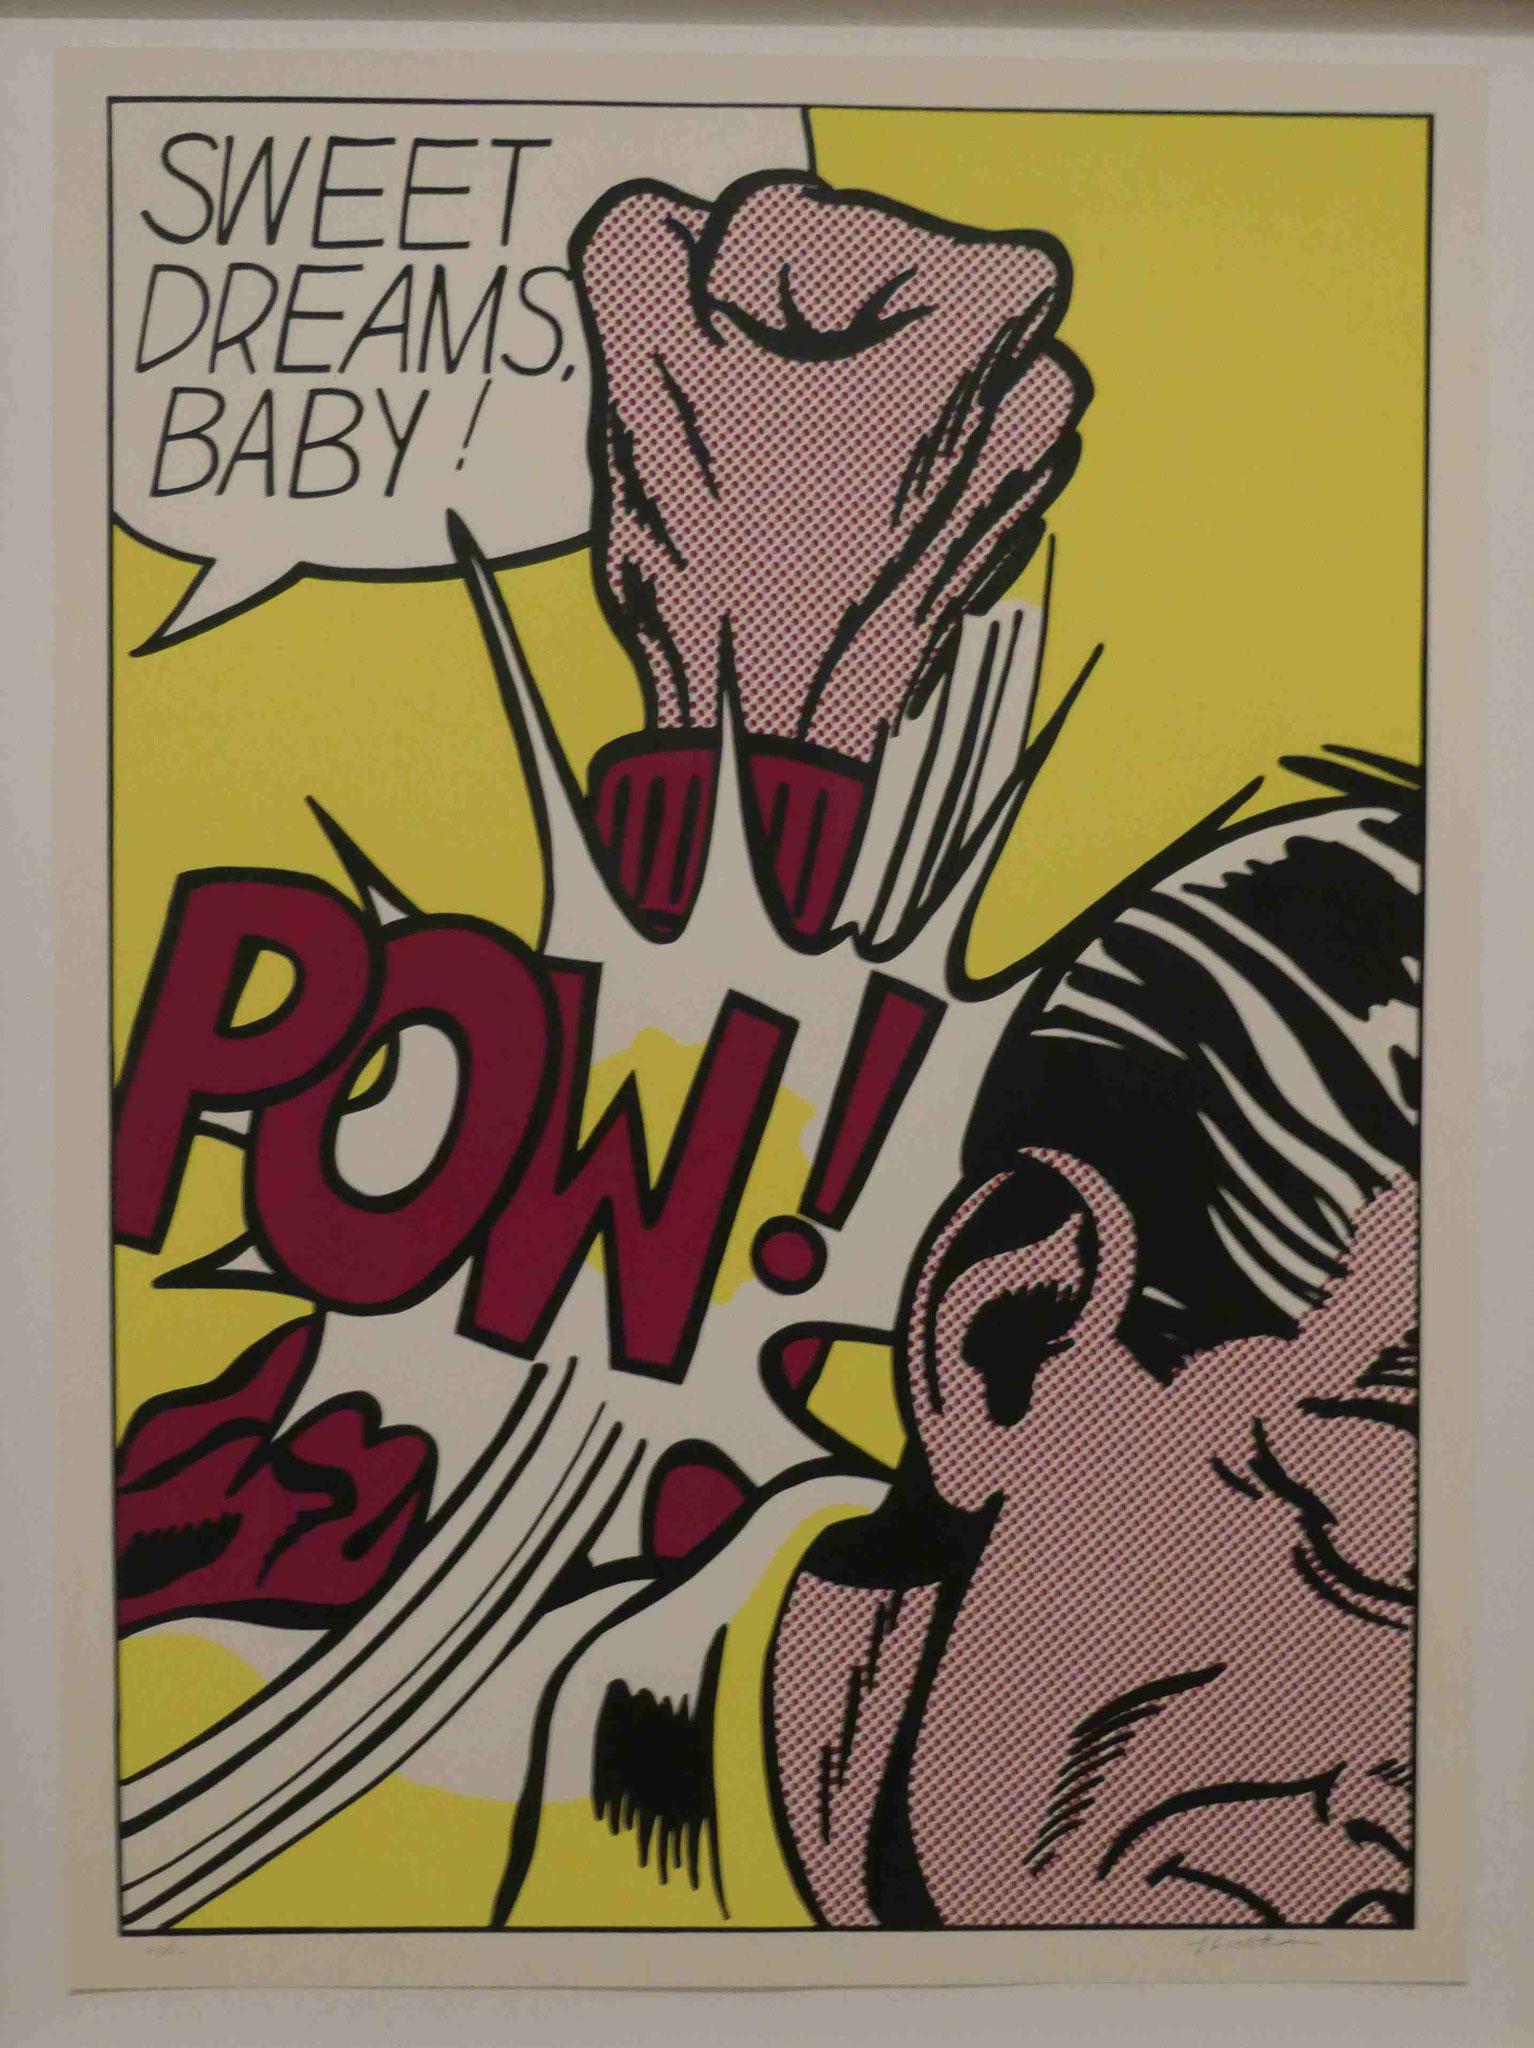 Roy Lichtenstein, Sweet Dreams, Baby! Siebdruck 1965/66, Nationalgalerie Berlin